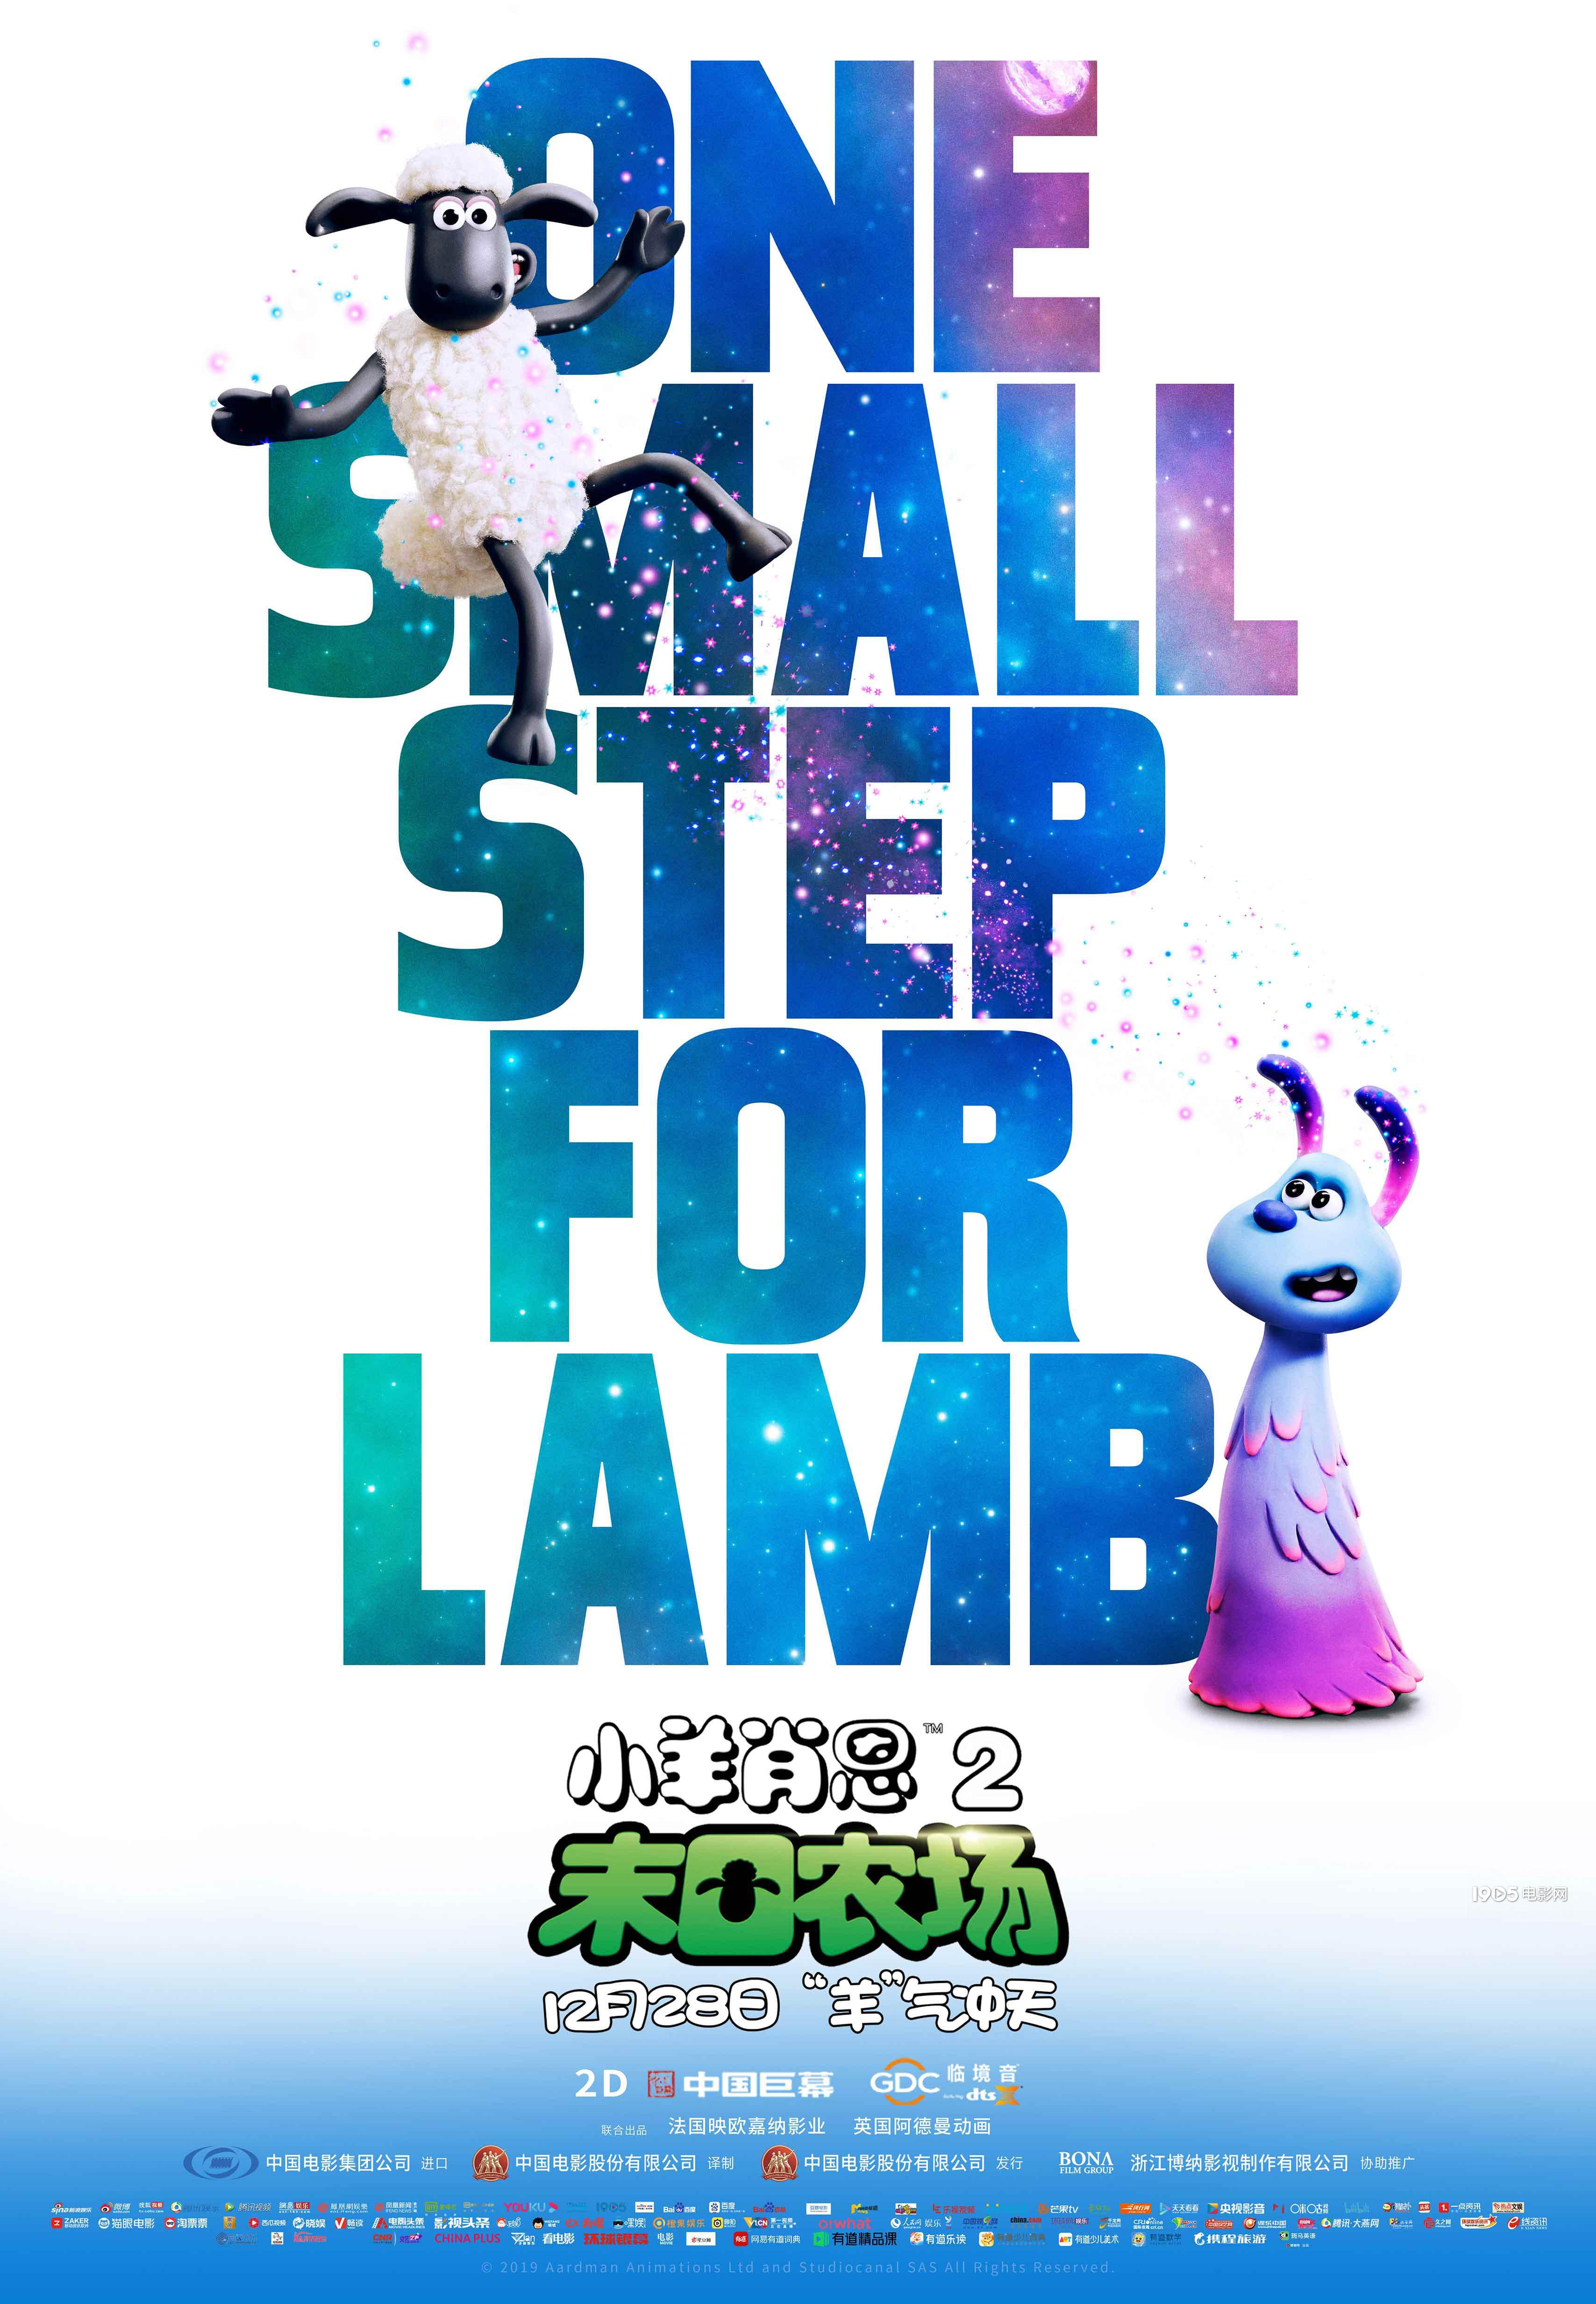 《小羊肖恩2》看点揭秘 十处彩蛋致敬经典科幻片